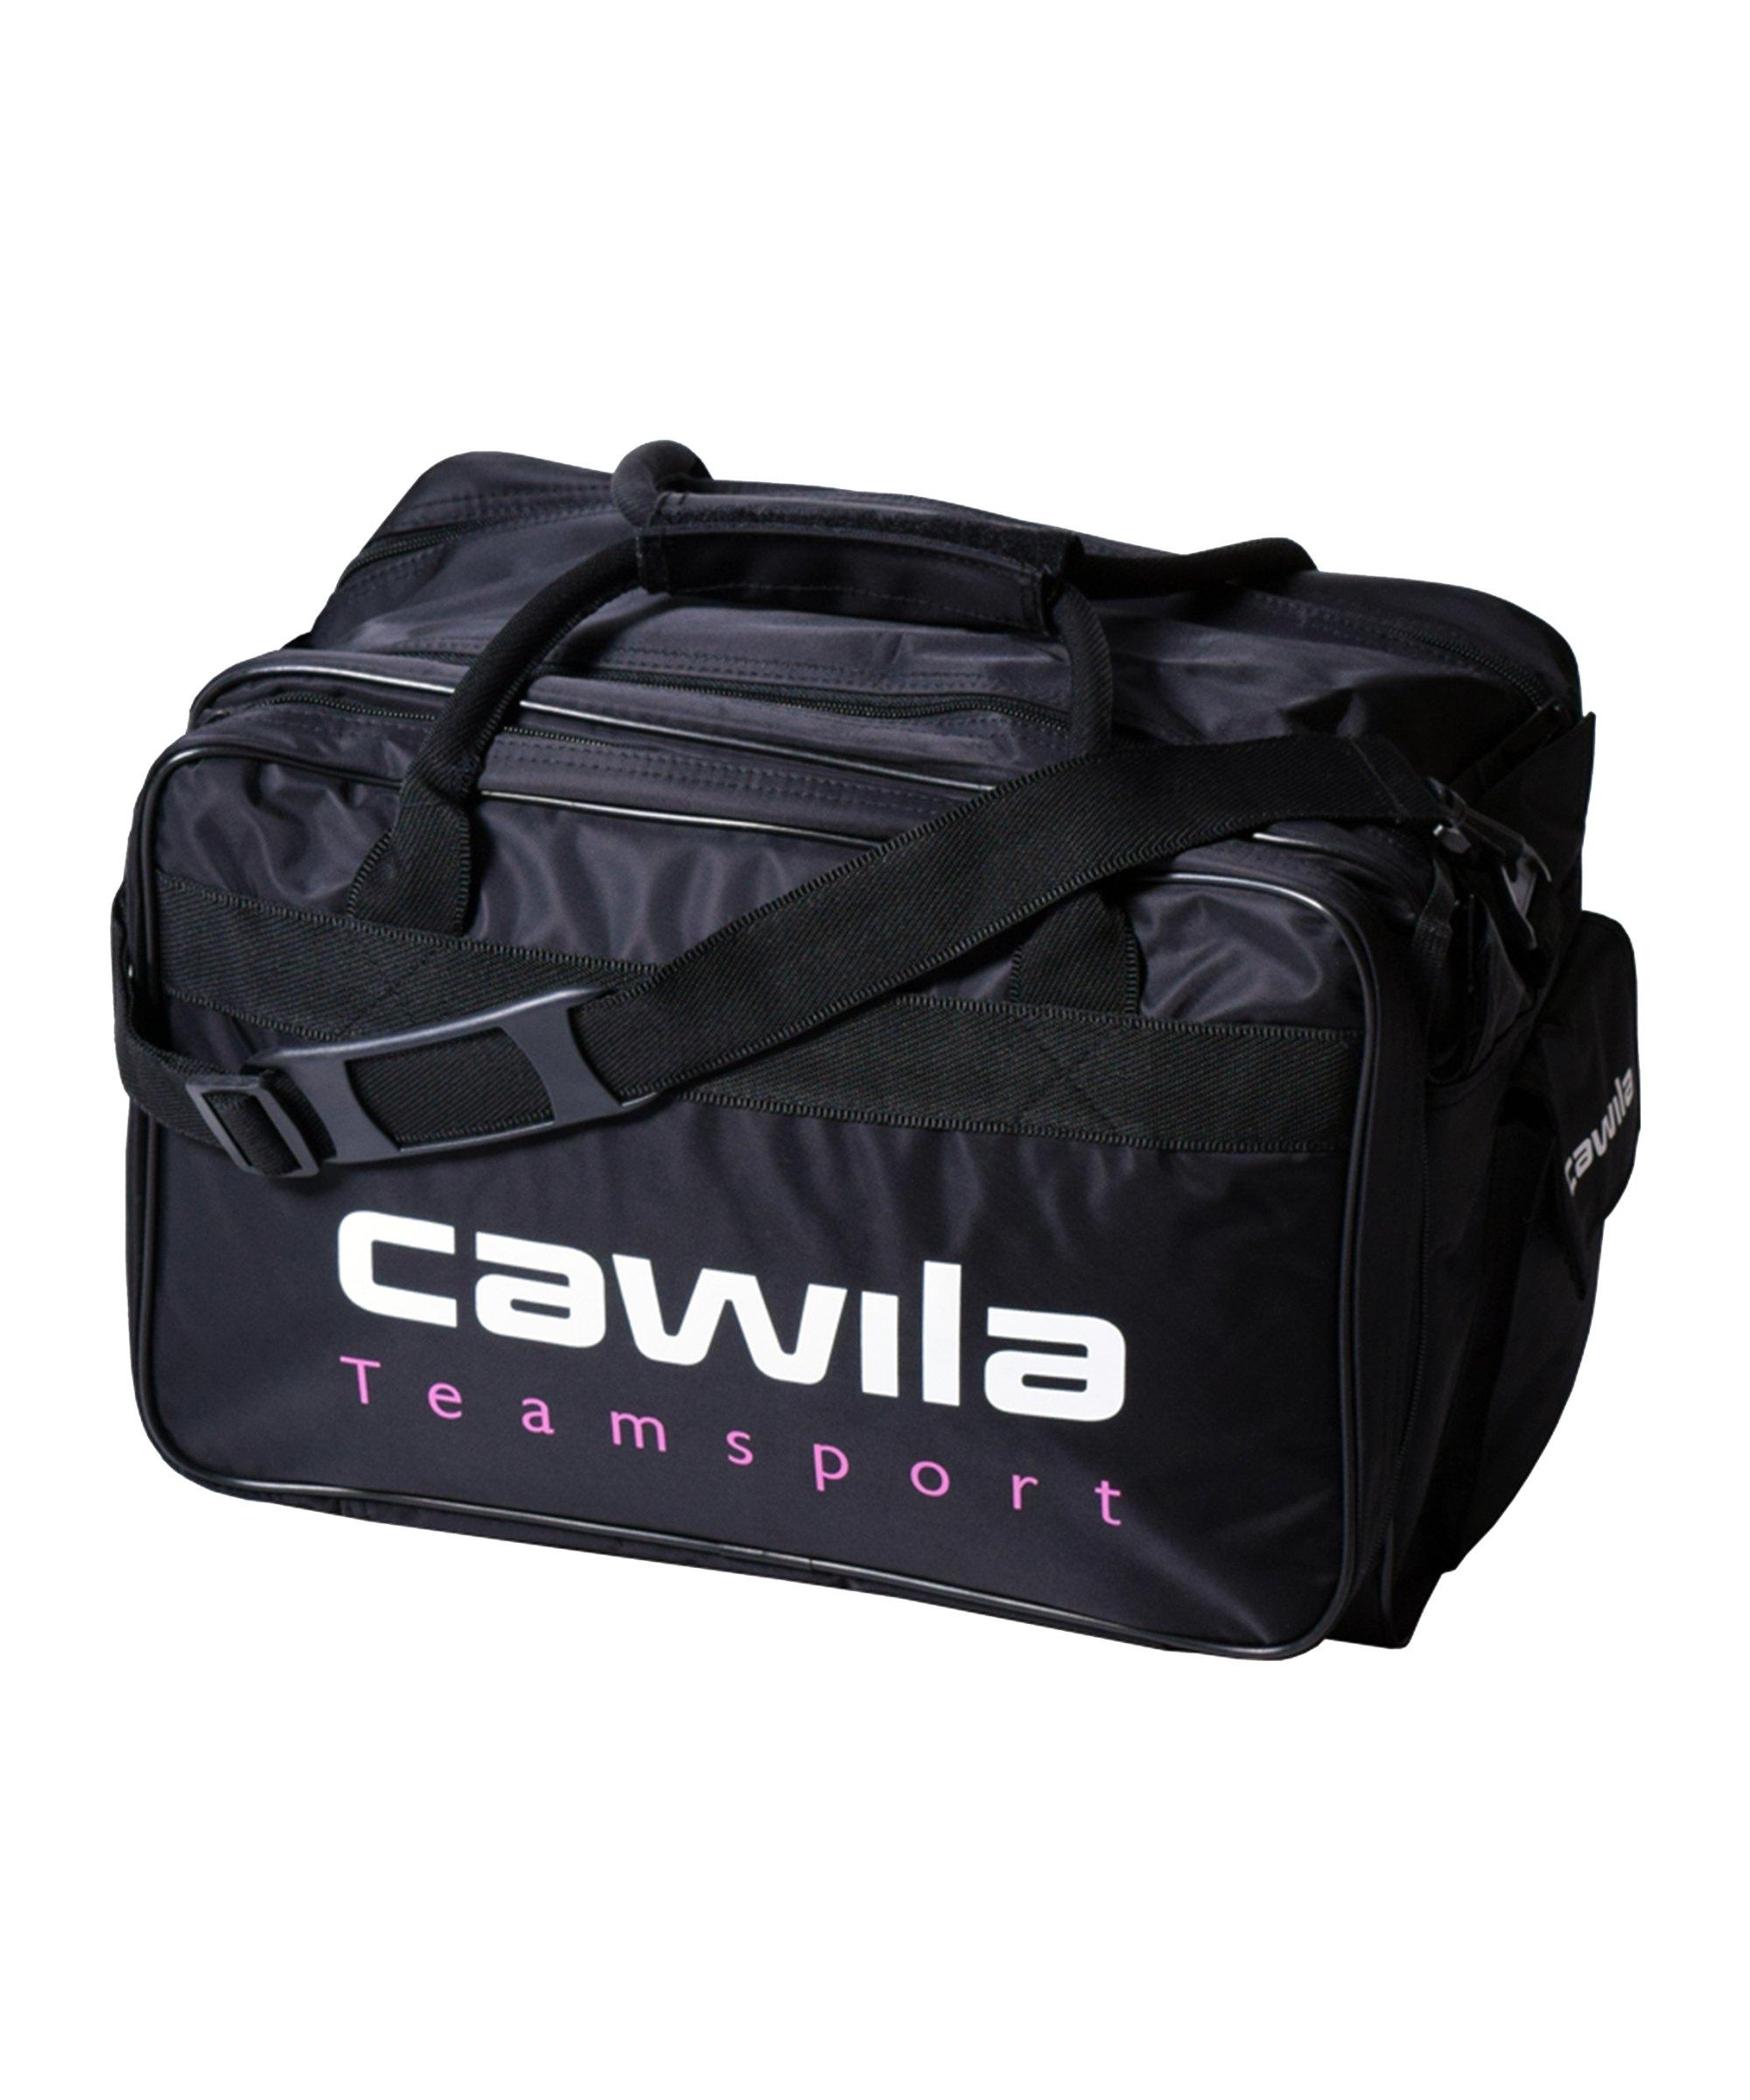 Cawila Sanitätstasche L ohne Inhalt 440x300x330mm - schwarz